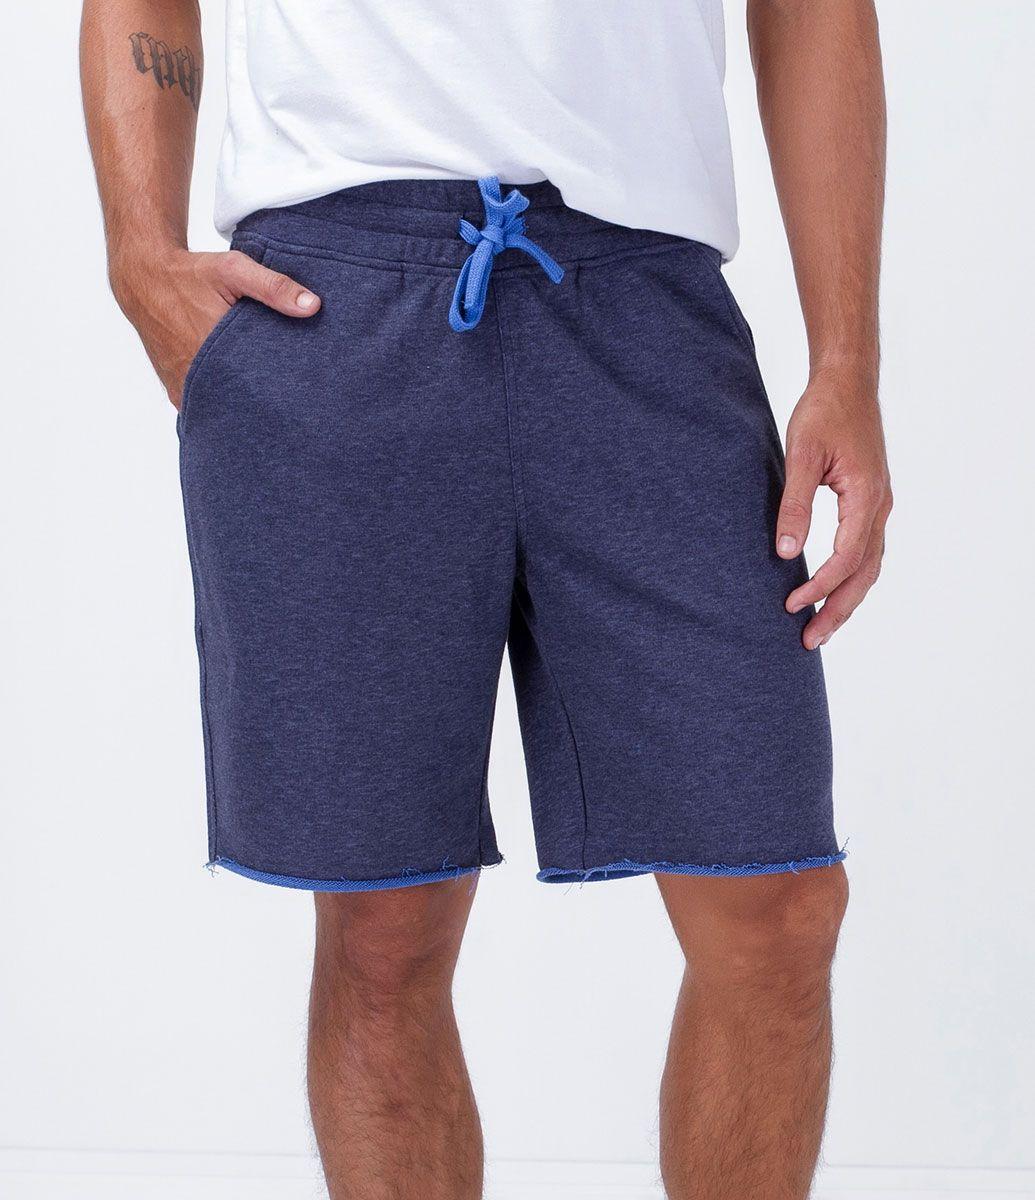 Bermuda masculina Com amarração frontal Marca  Blue Steel Tecido  Malha  Composição  65% algodão e 35% poliéster Modelo veste tamanho  M COLEÇÃO  VERÃO 2016 ... eaa9932aa7f5c